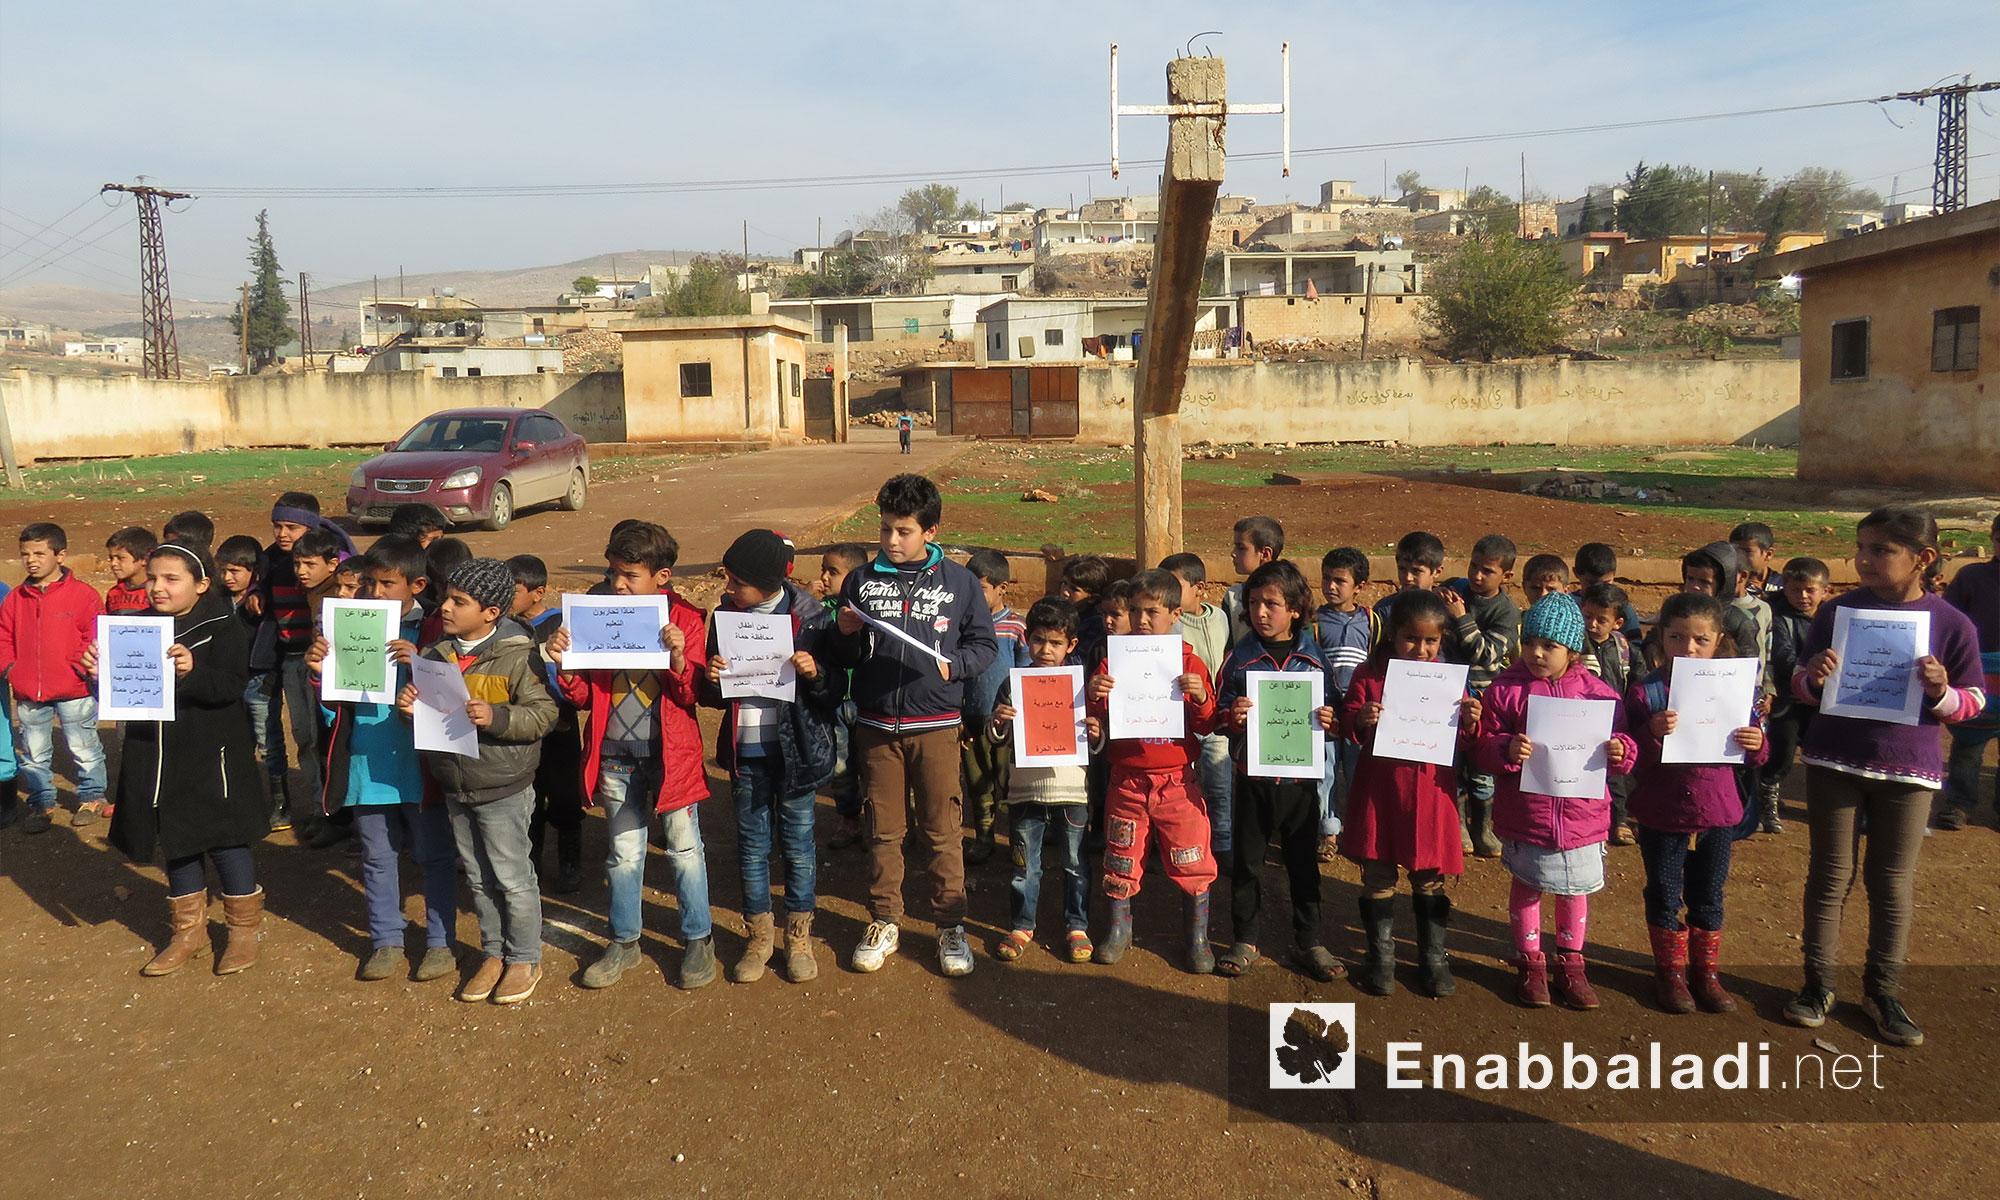 وقفة في مدارس تربية حماه الحرة احتجاجًا على إيقاف الدعم على أغلب المدارس في حماة - 5 كانون الأول 2017 (عنب بلدي)